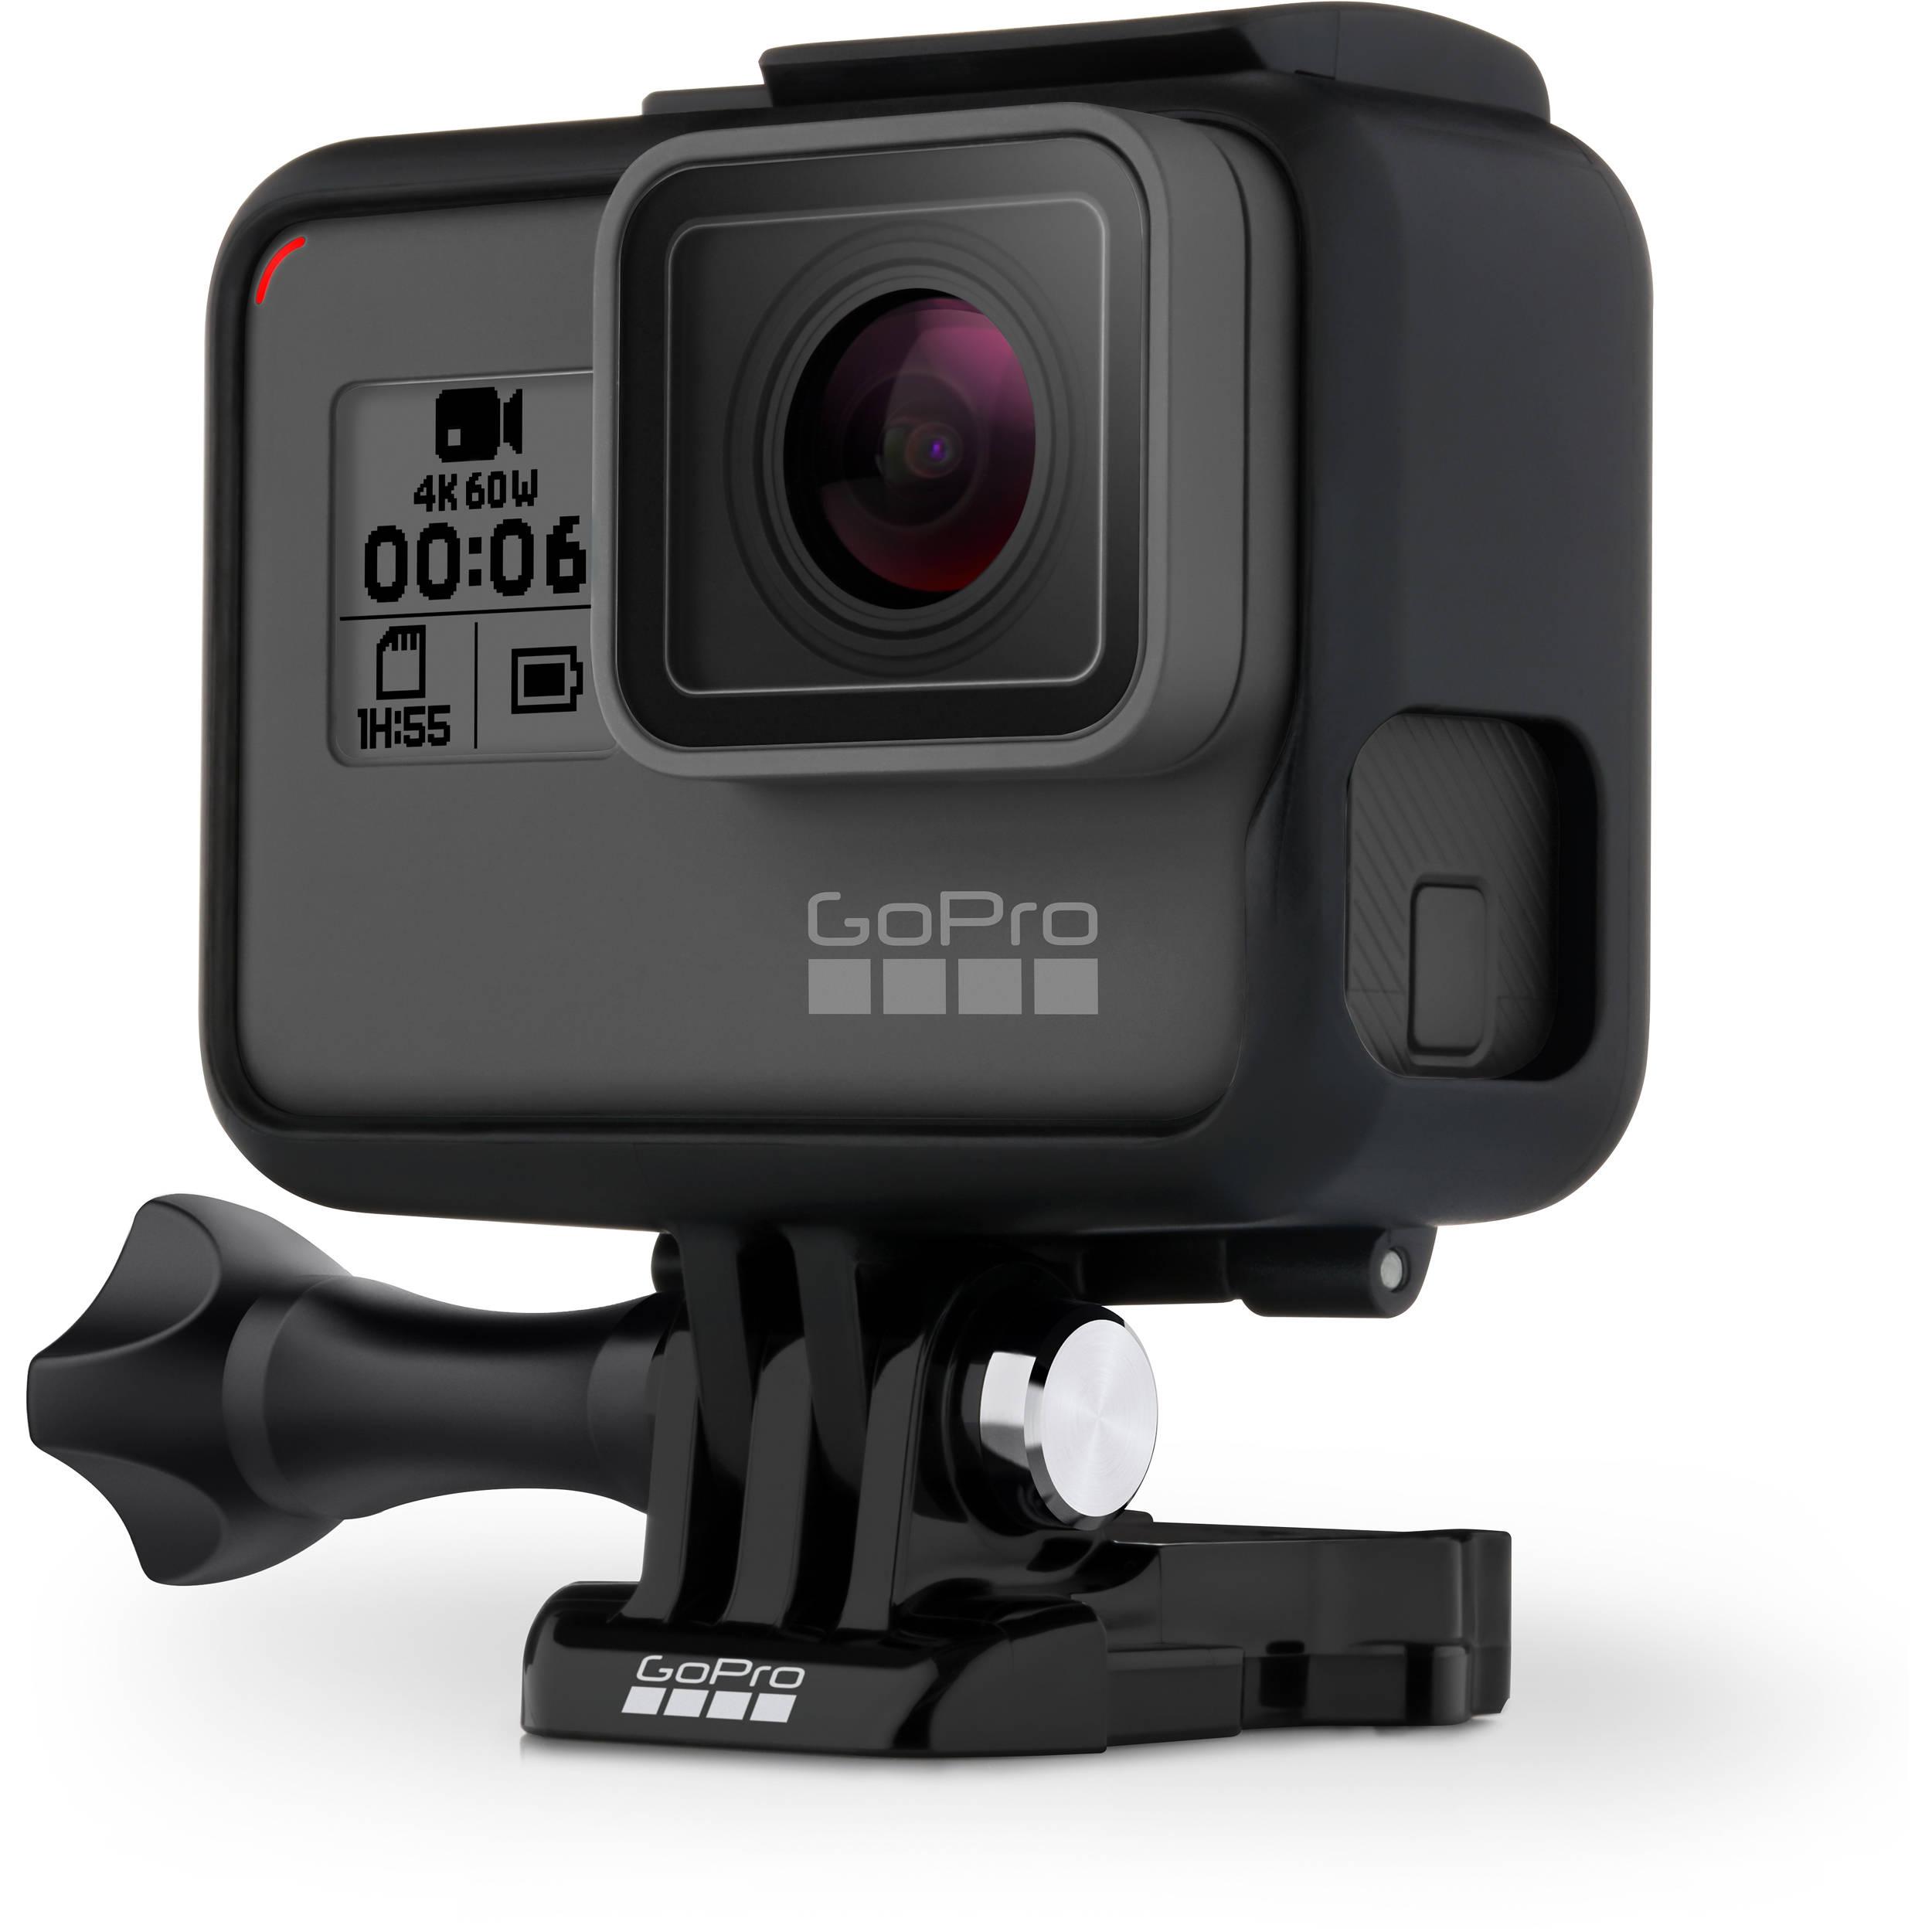 GoPro -25% auf HERO6 Black, HERO5 Black, HERO5 Session und Zubehör